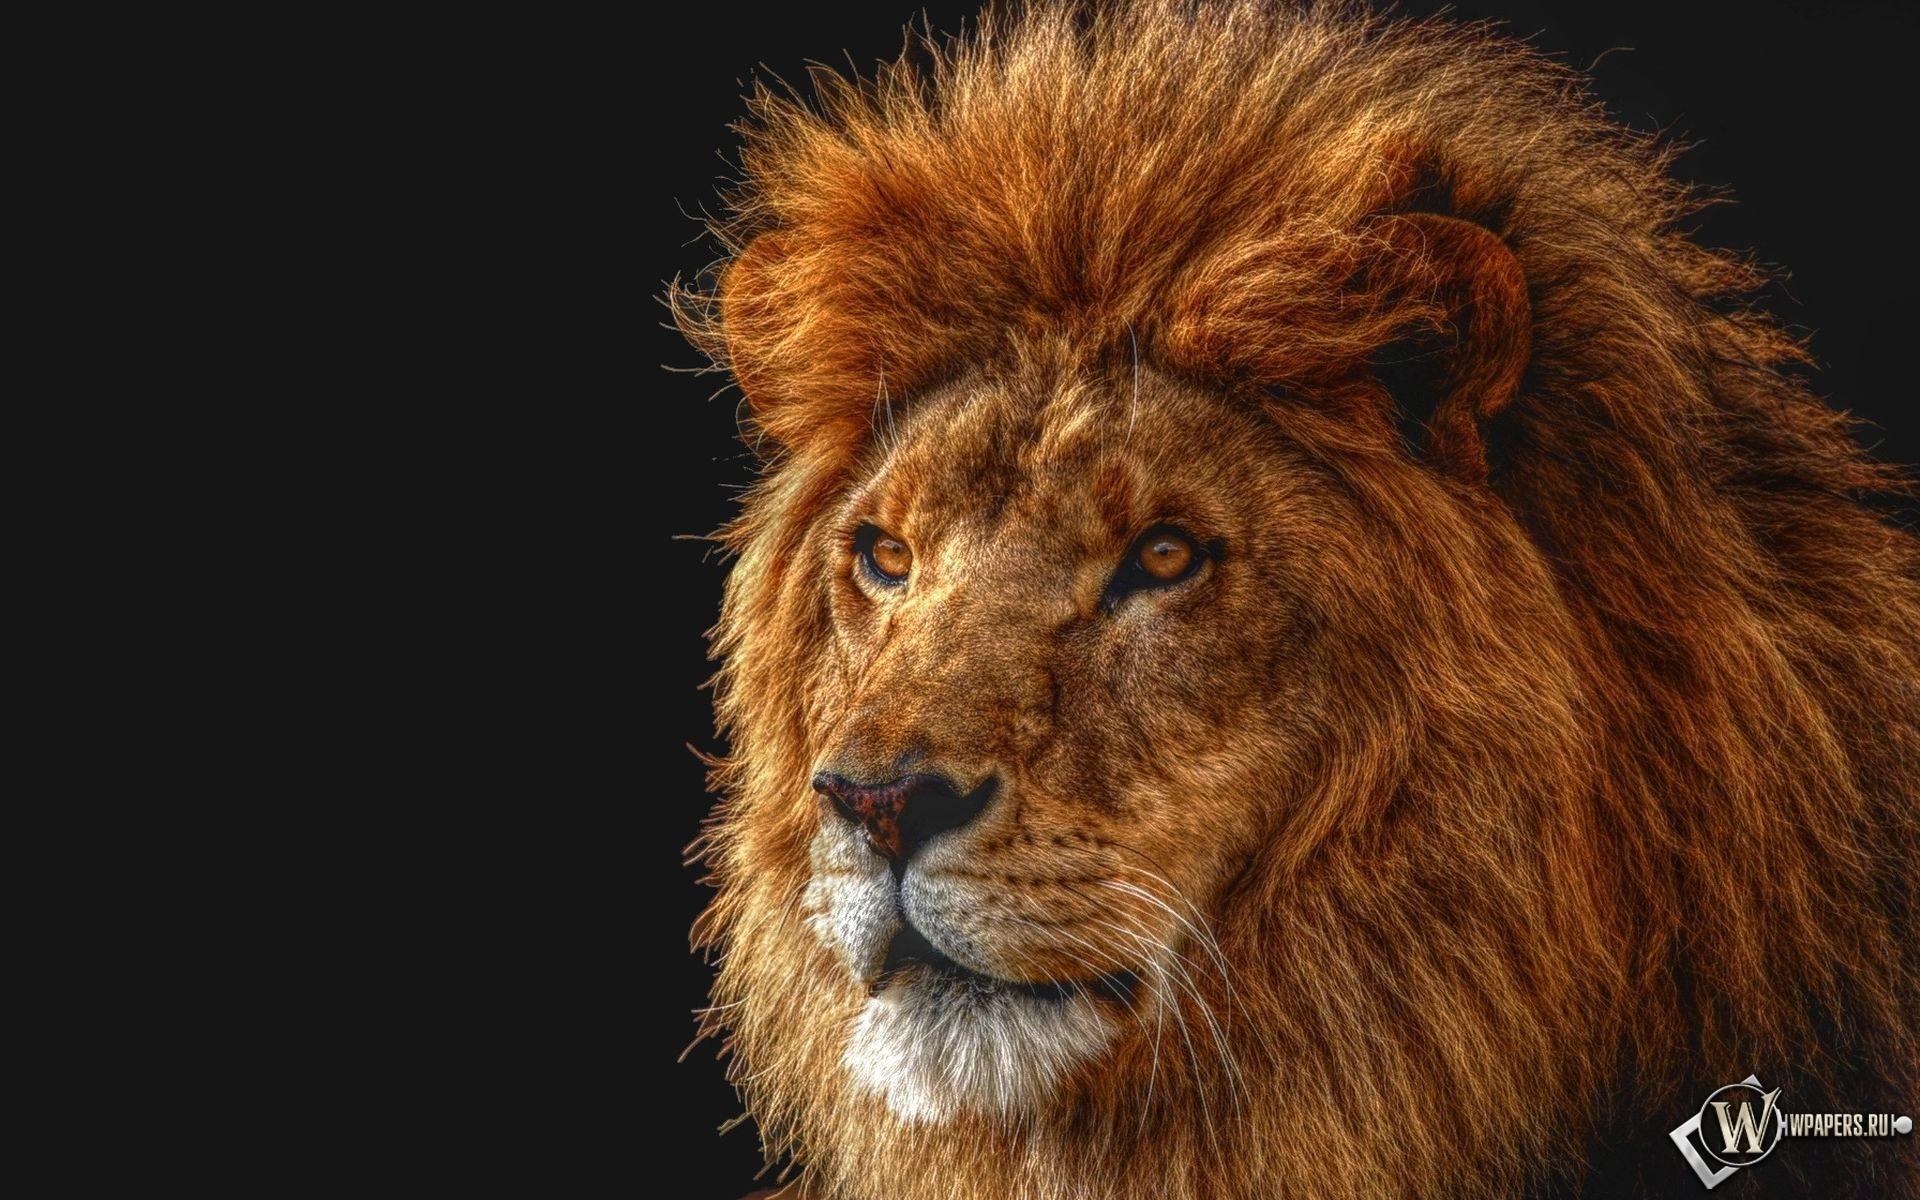 Лев на четном фоне 1920x1200